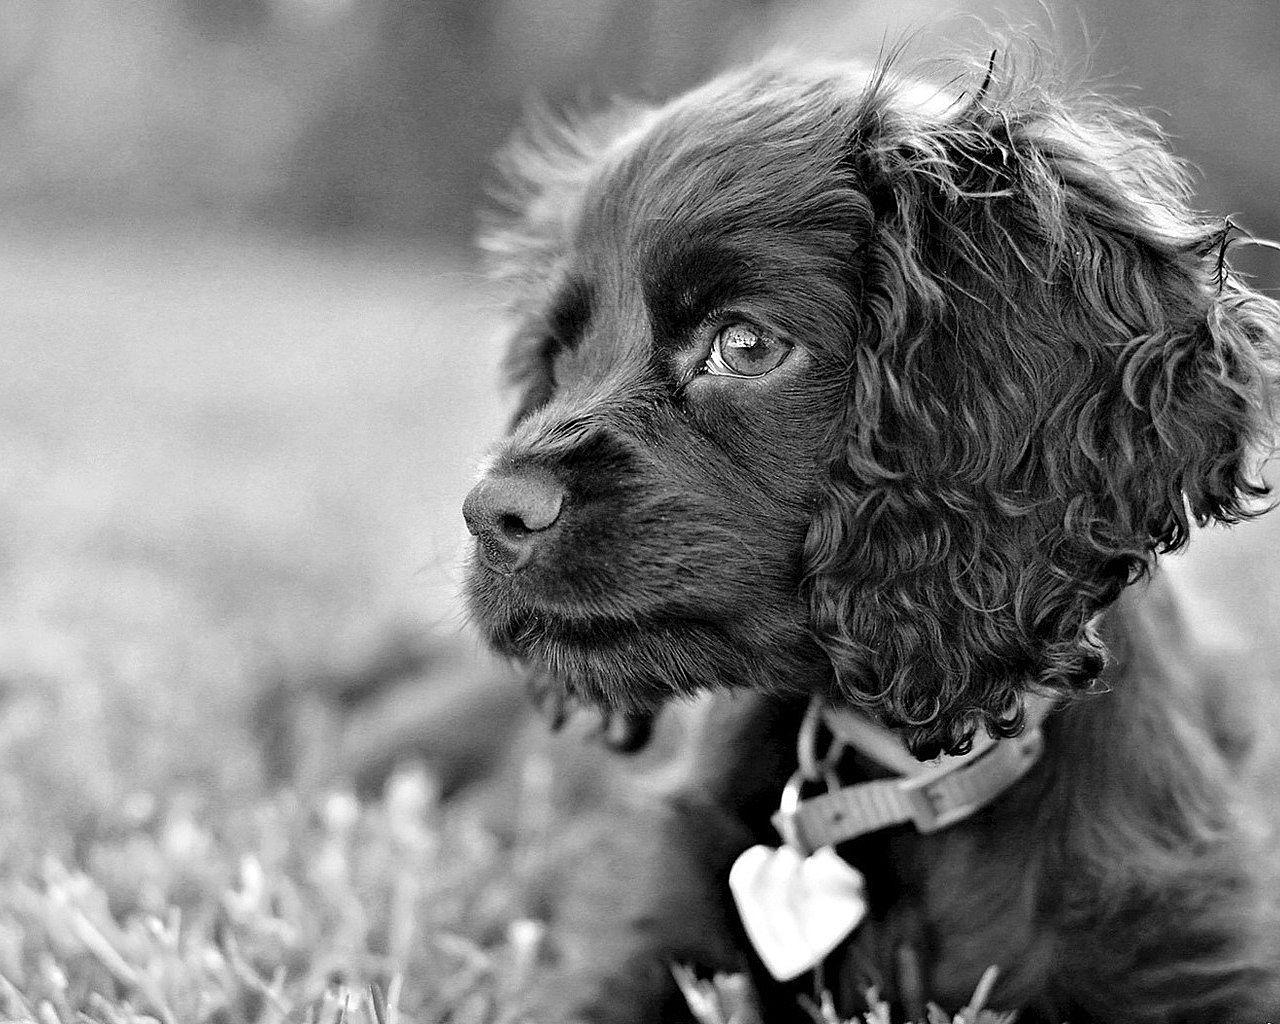 Foto in bianco e nero del cane foto di alta qualit for Foto hd bianco e nero